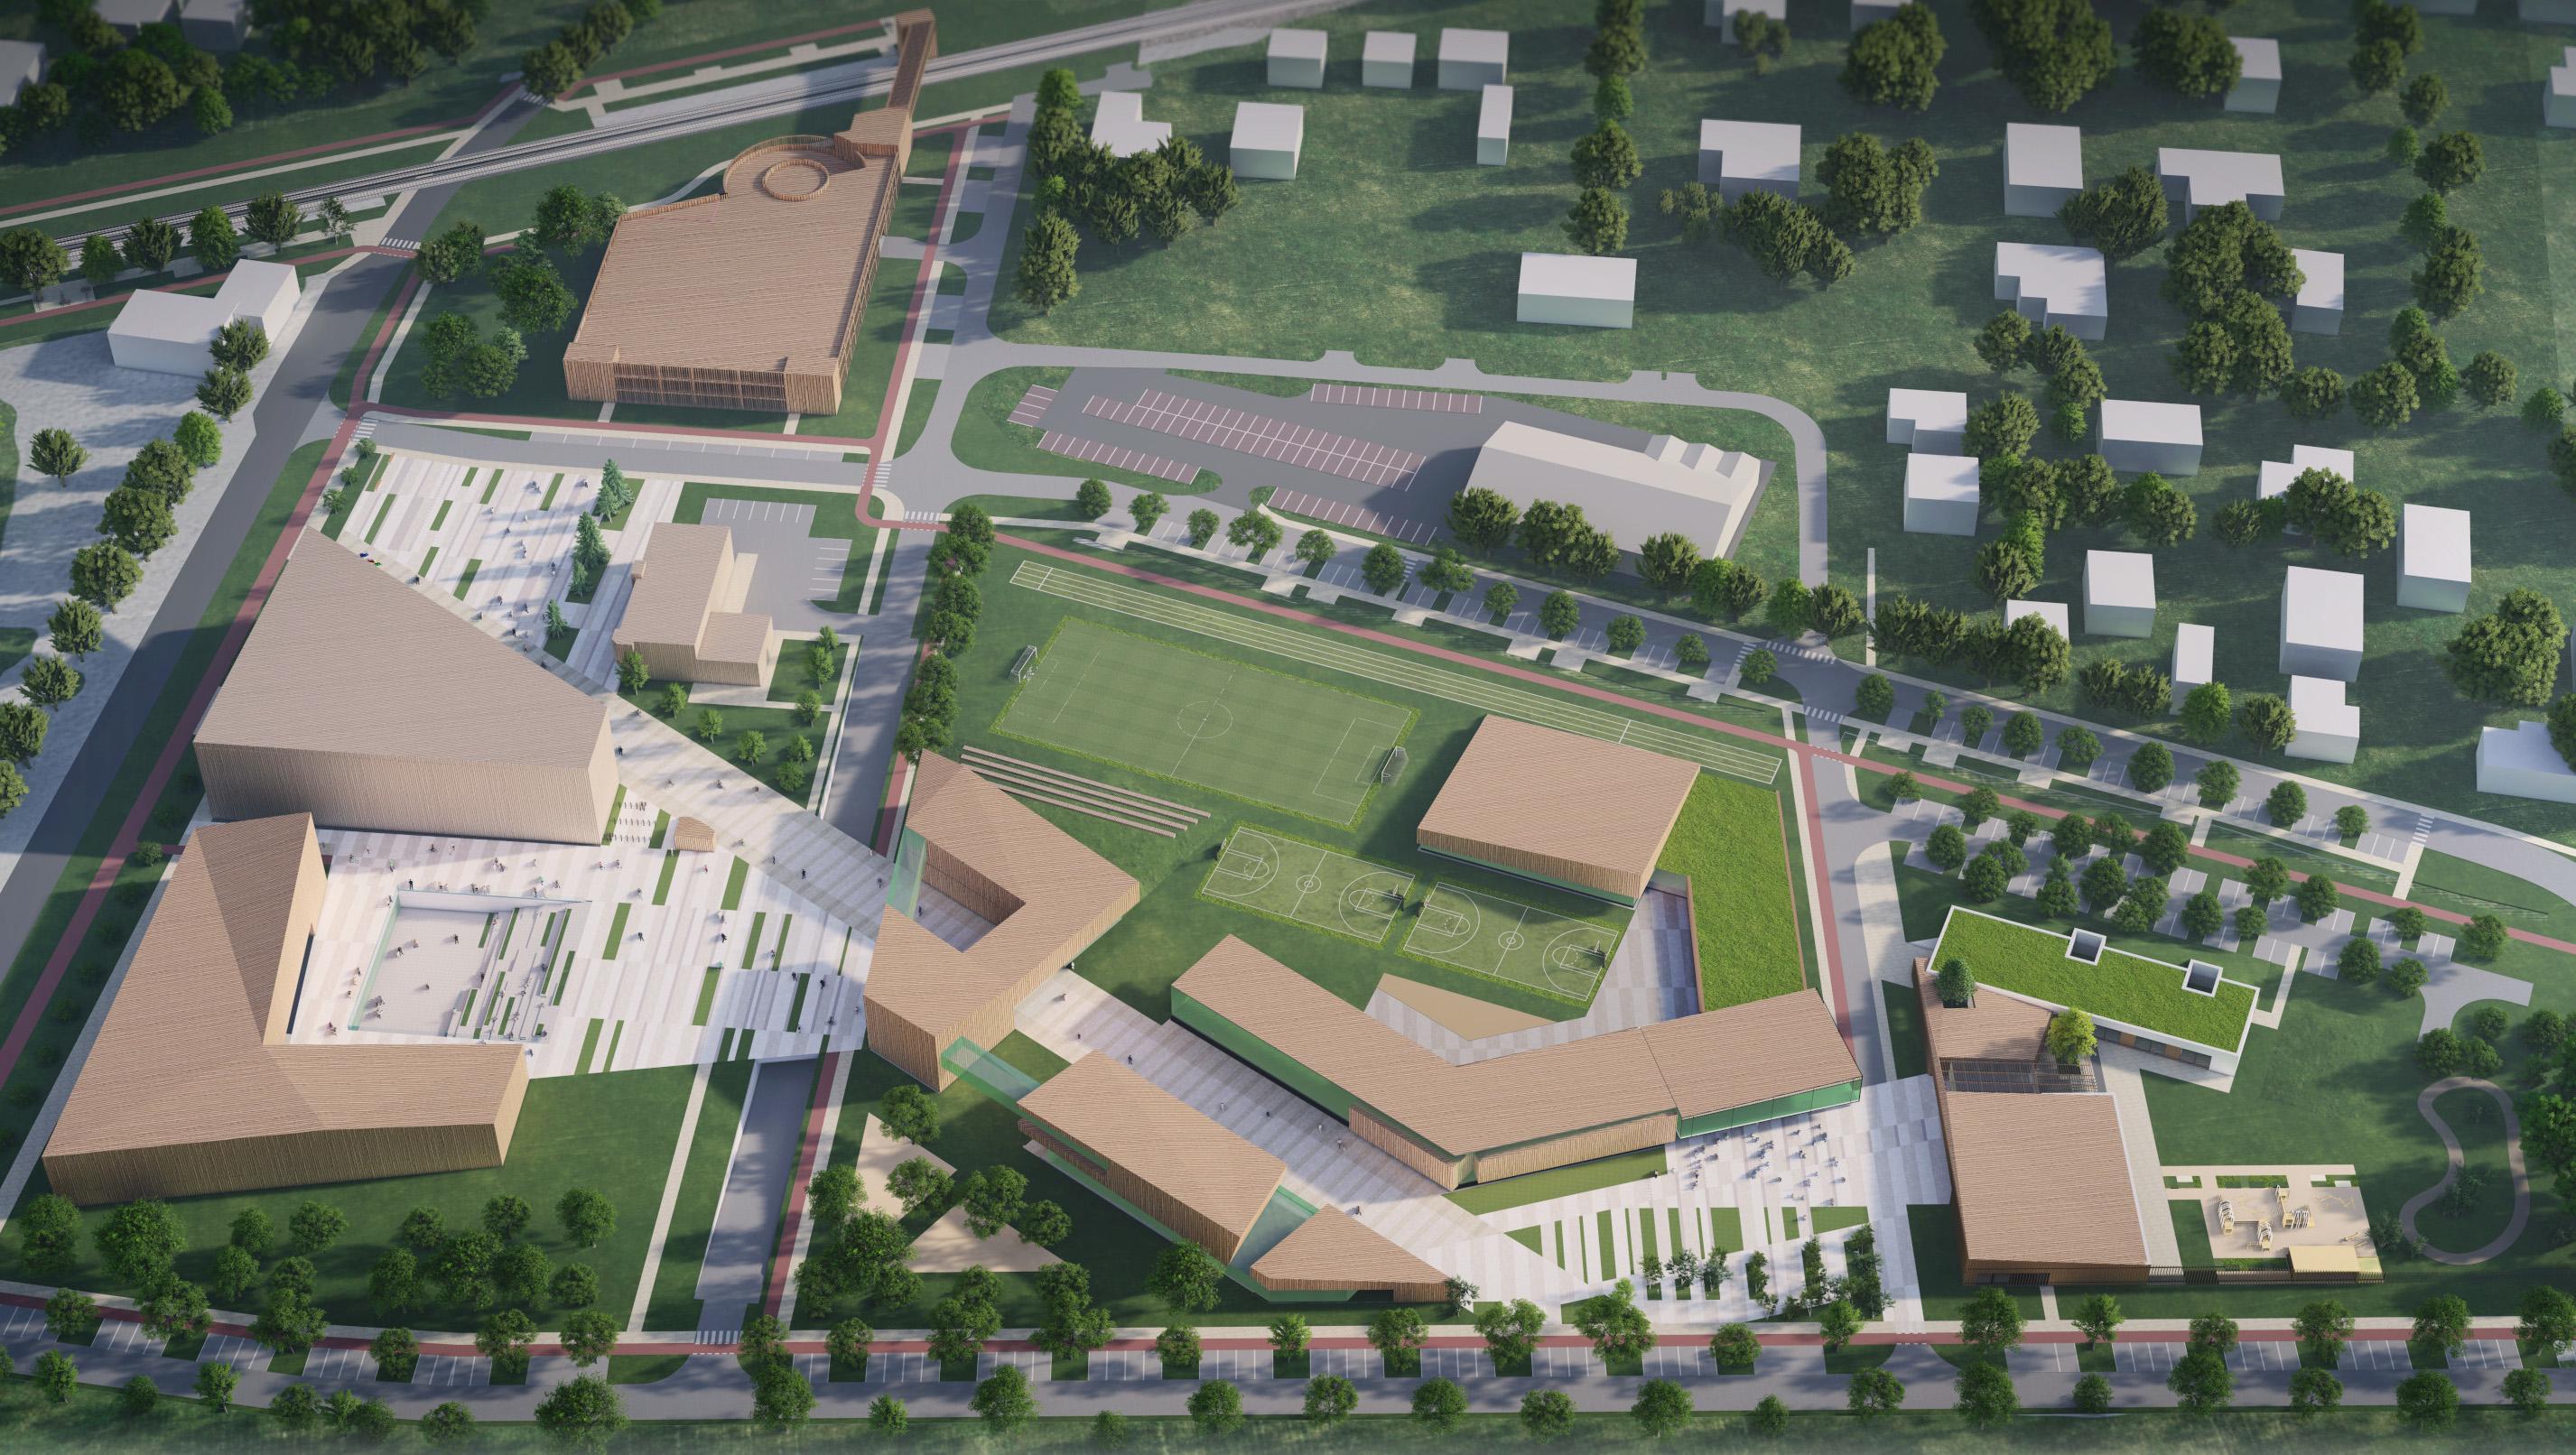 koncepcję urbanistyczno – architektoniczną zagospodarowania terenów przy Urzędzie Gminy Michałowice w Regułach ze szczególnym uwzględnieniem kampusu edukacyjnego oraz koncepcję architektoniczną energoefektywnego budynku przedszkola